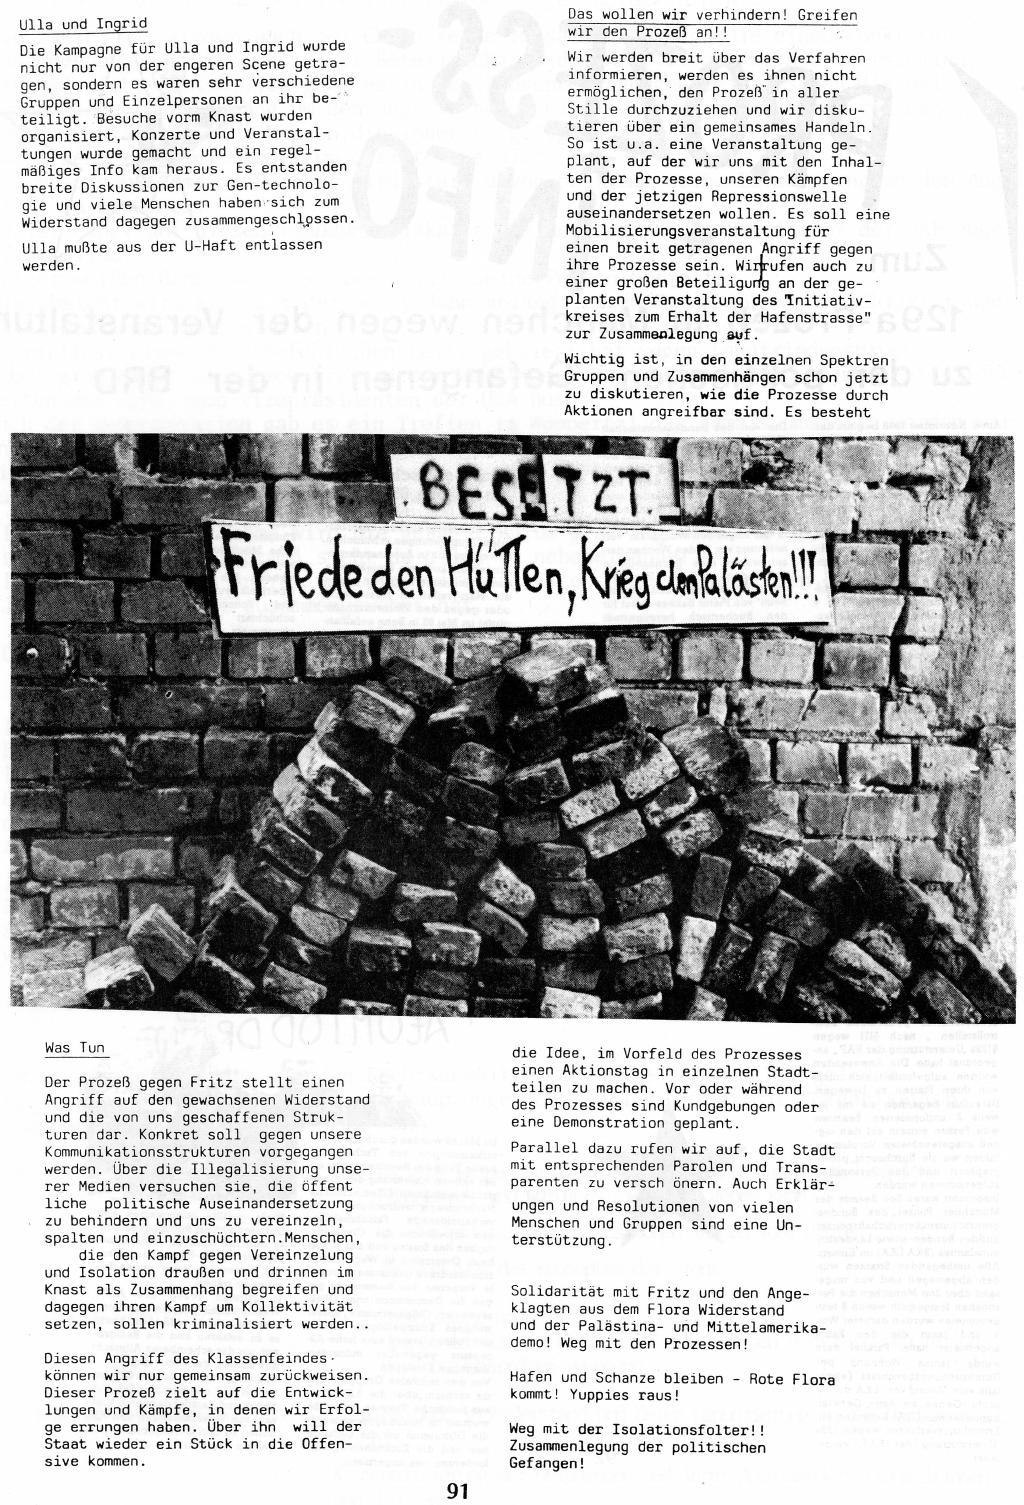 Duesseldorf_1989_Sechs_Politische_Gefangene_091